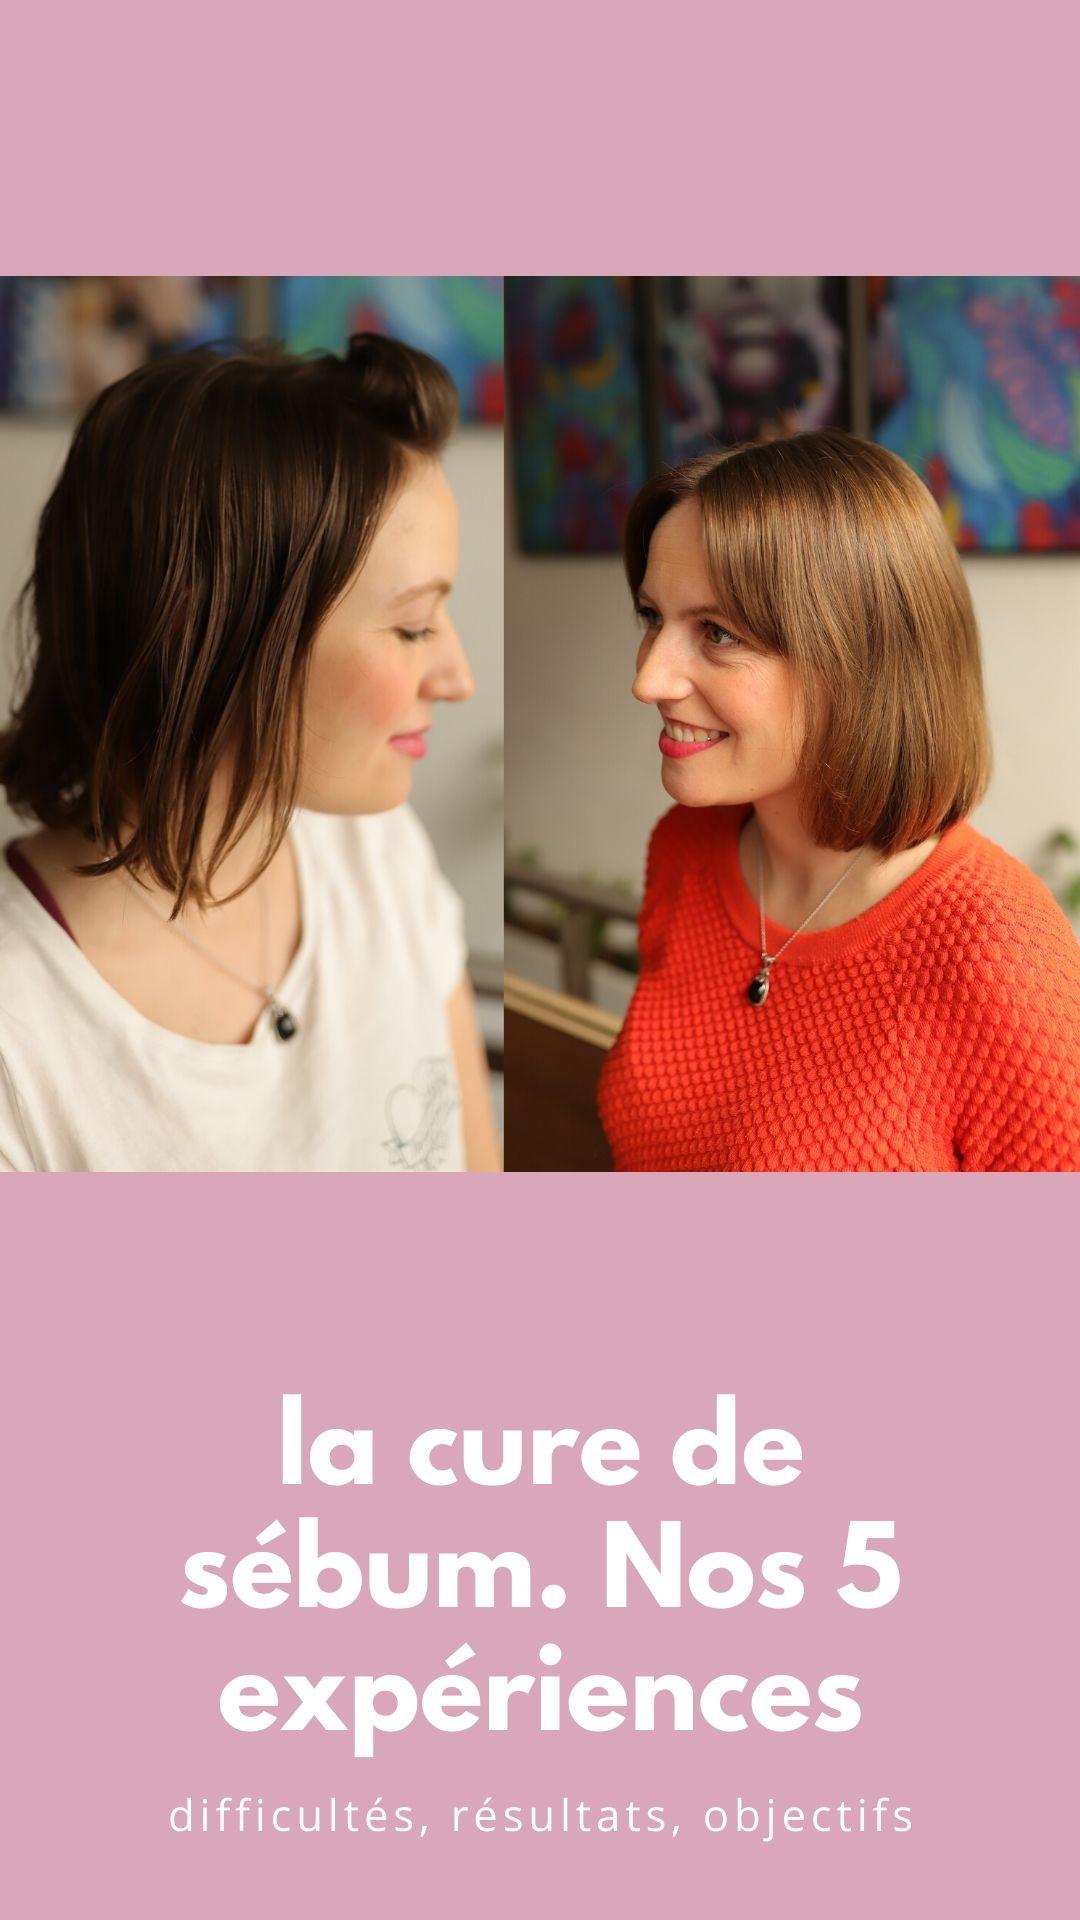 la cure de sébum, nos 5 expériences différentes selon notre nature de cheveux, nos objectifs, notre ressenti!